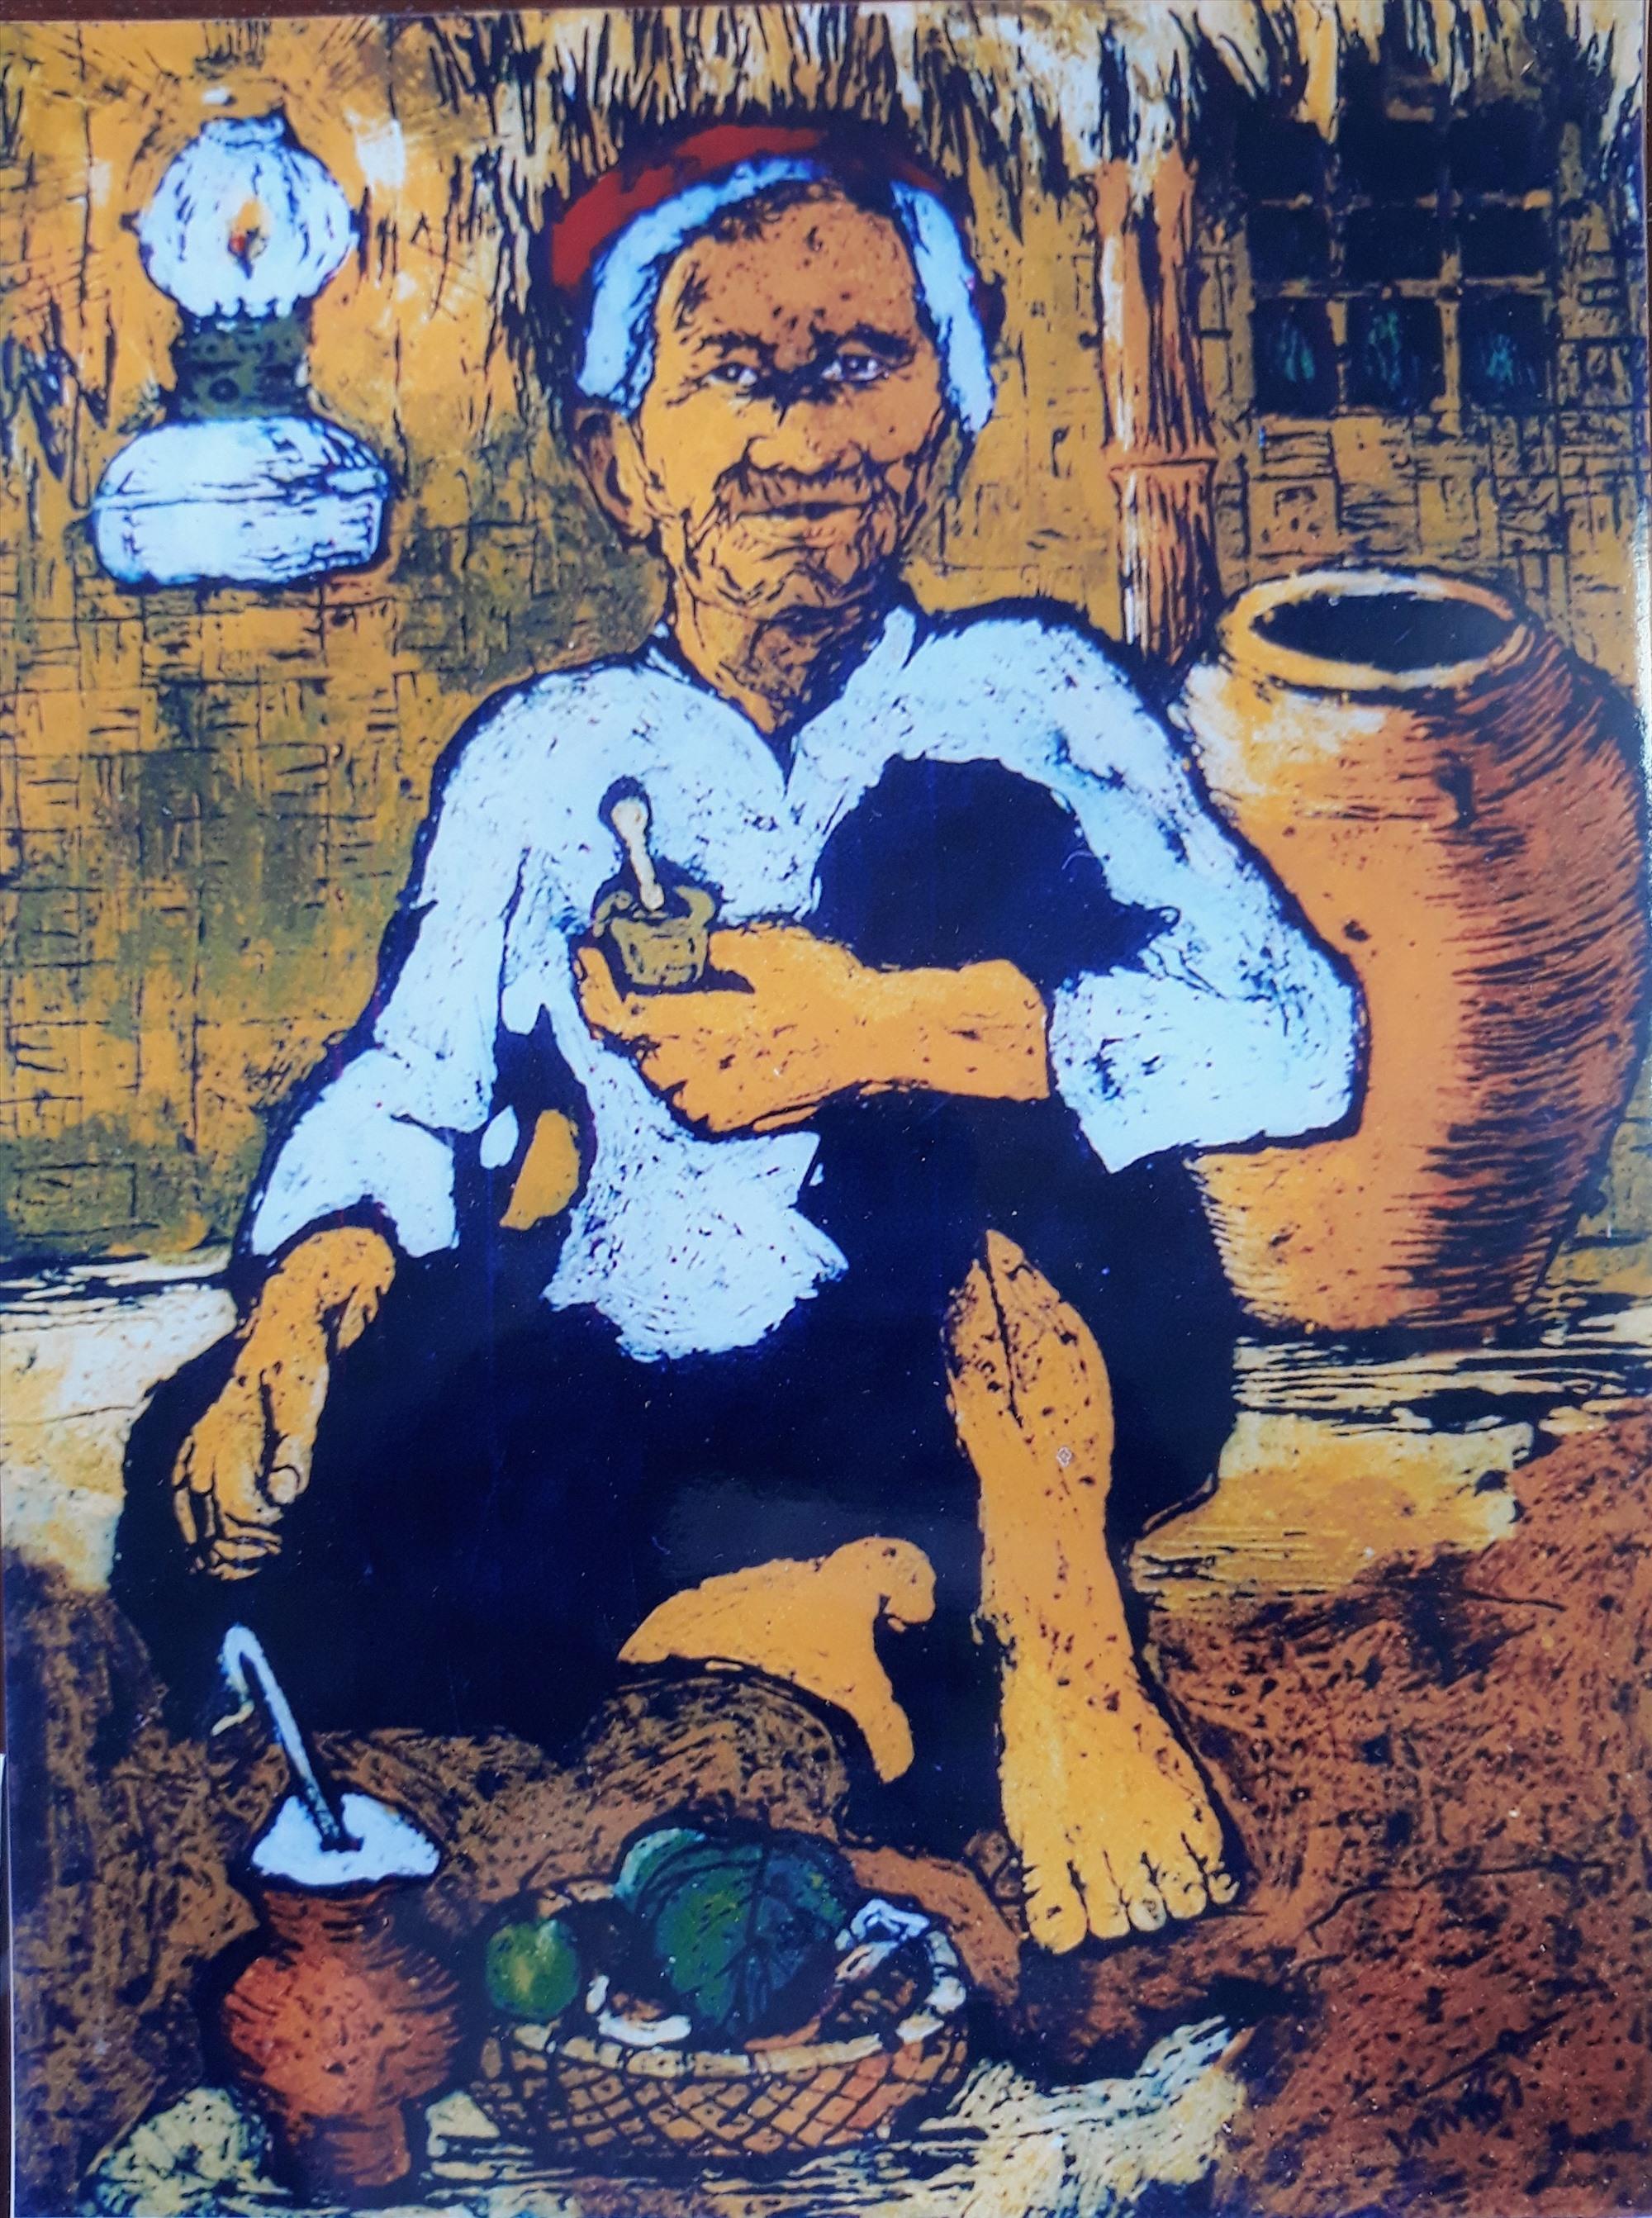 """Tác phẩm """"Mẹ Cộng"""" (Đợi con về) của họa sĩ Trần Văn Binh. Ảnh: Tác giả cung cấp"""